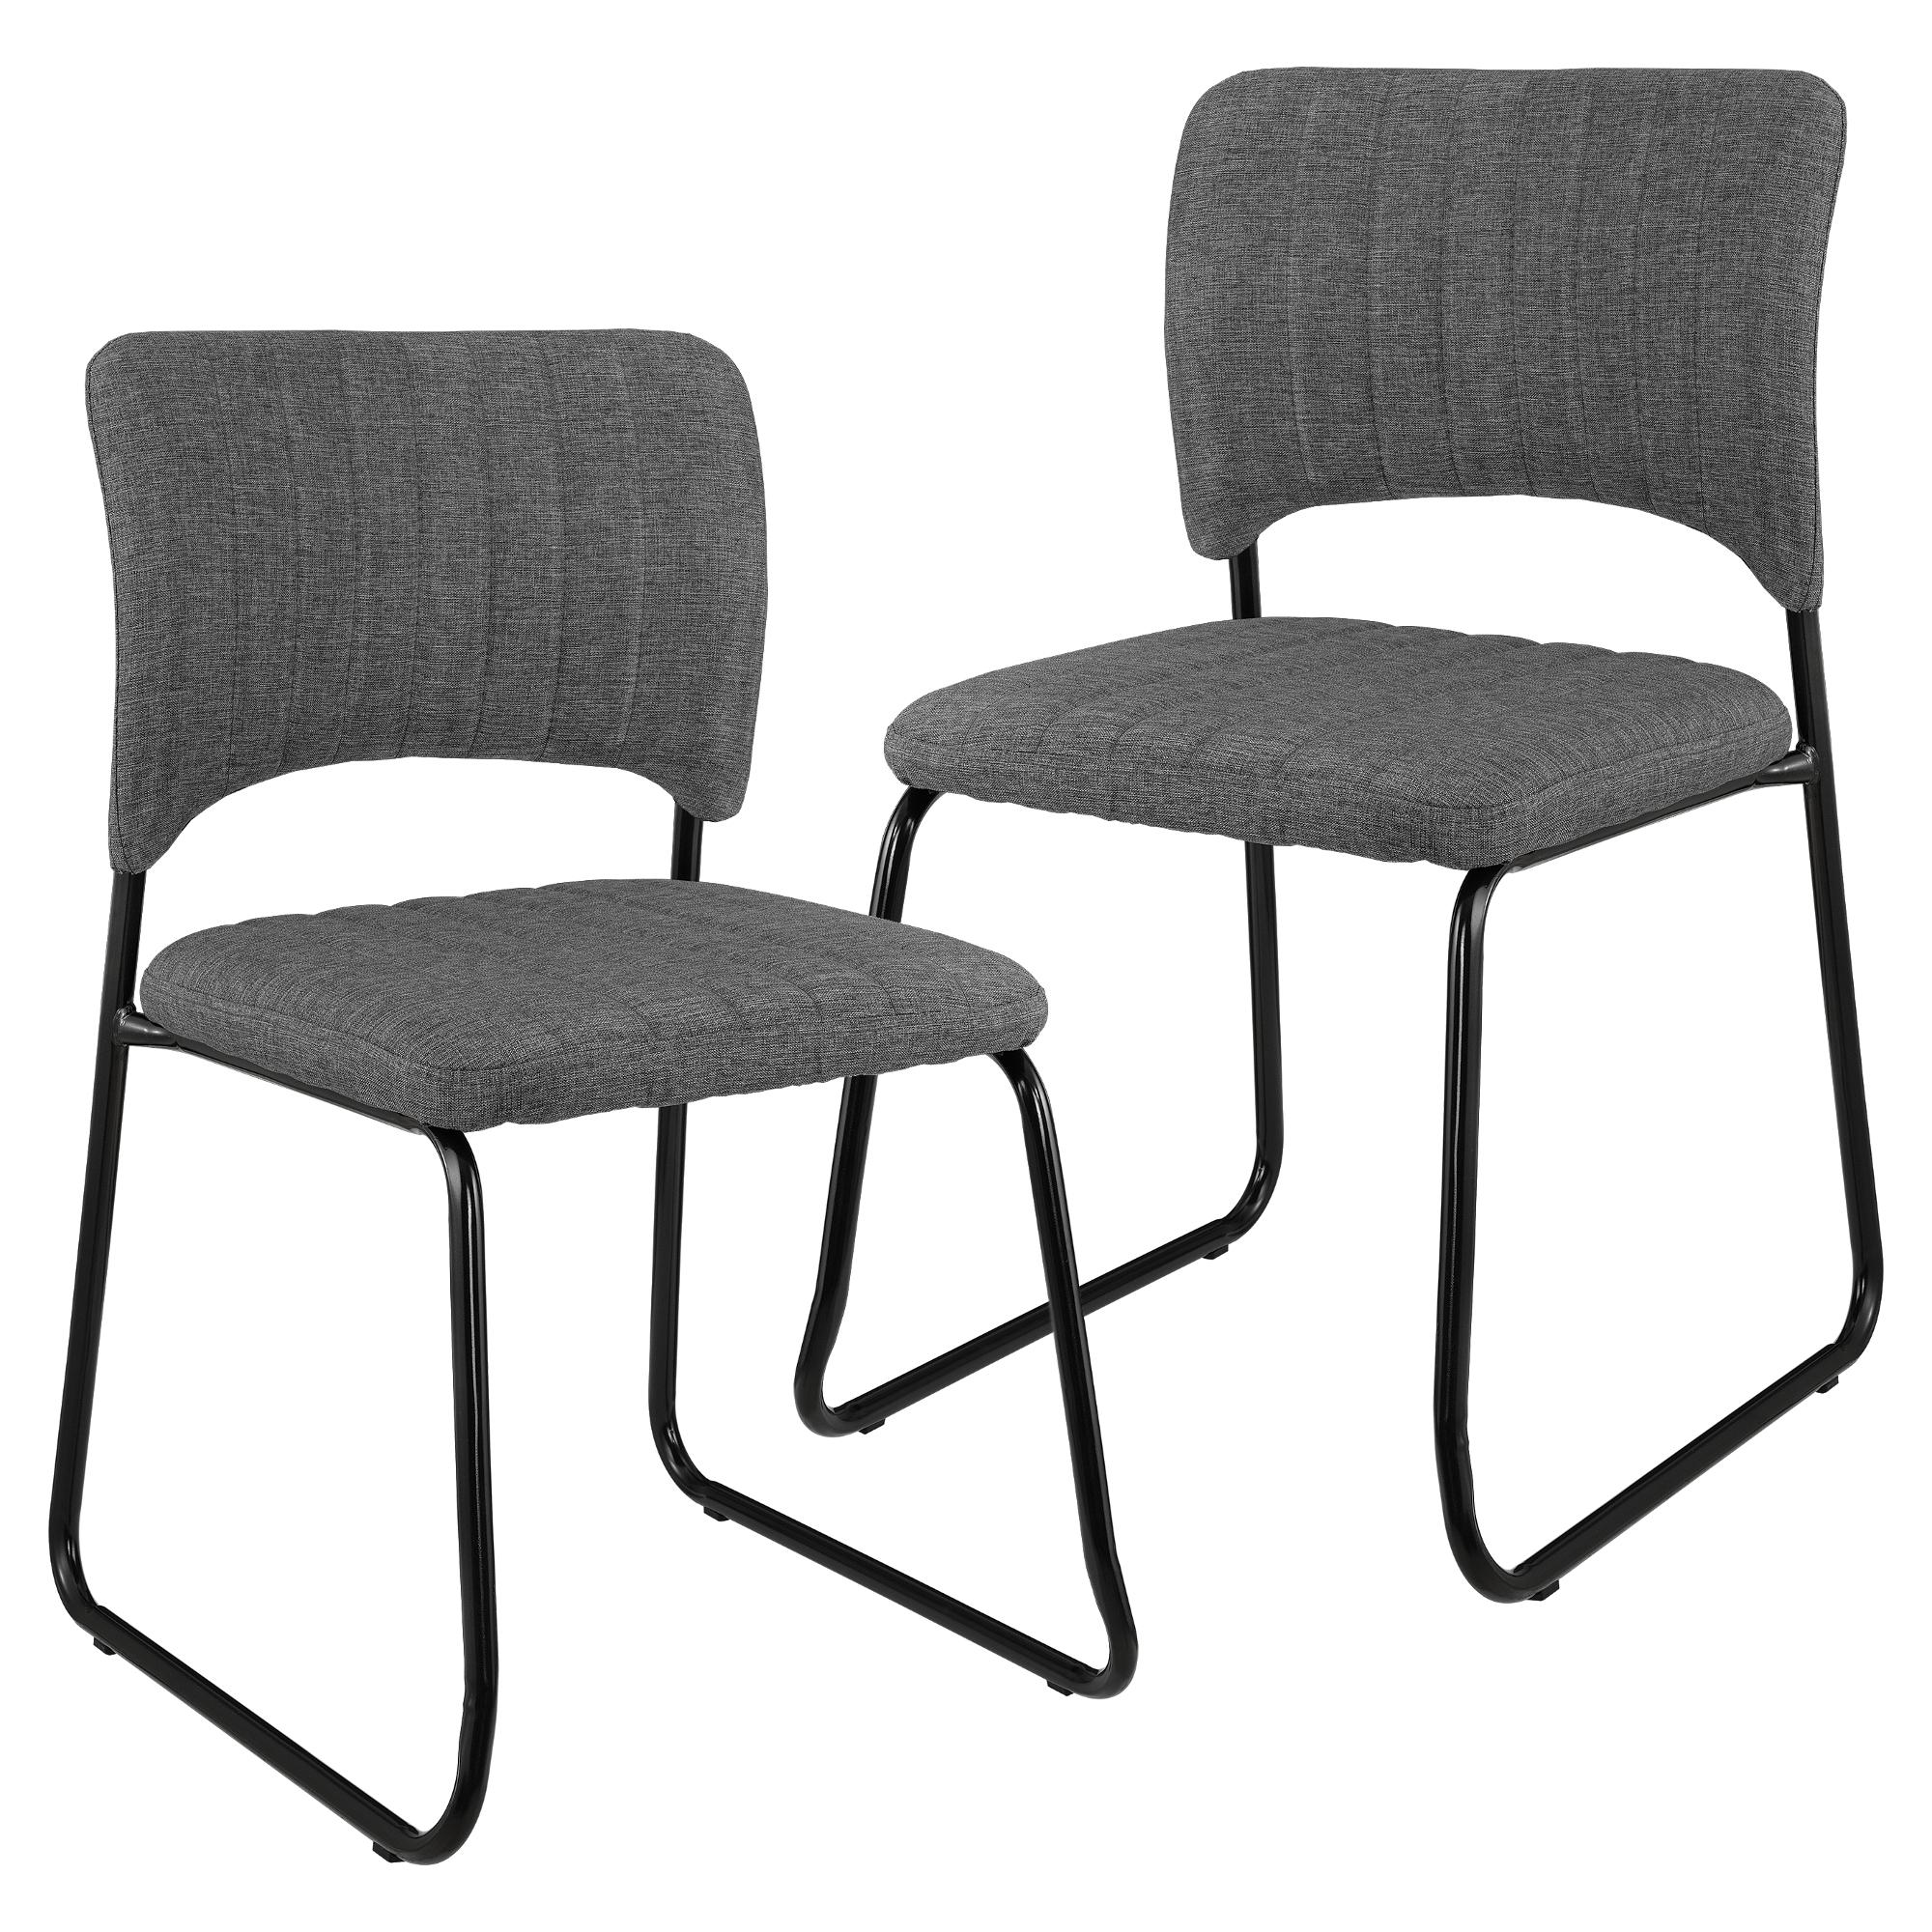 2x design chaises textile gris fonc chaise de salle manger ebay. Black Bedroom Furniture Sets. Home Design Ideas